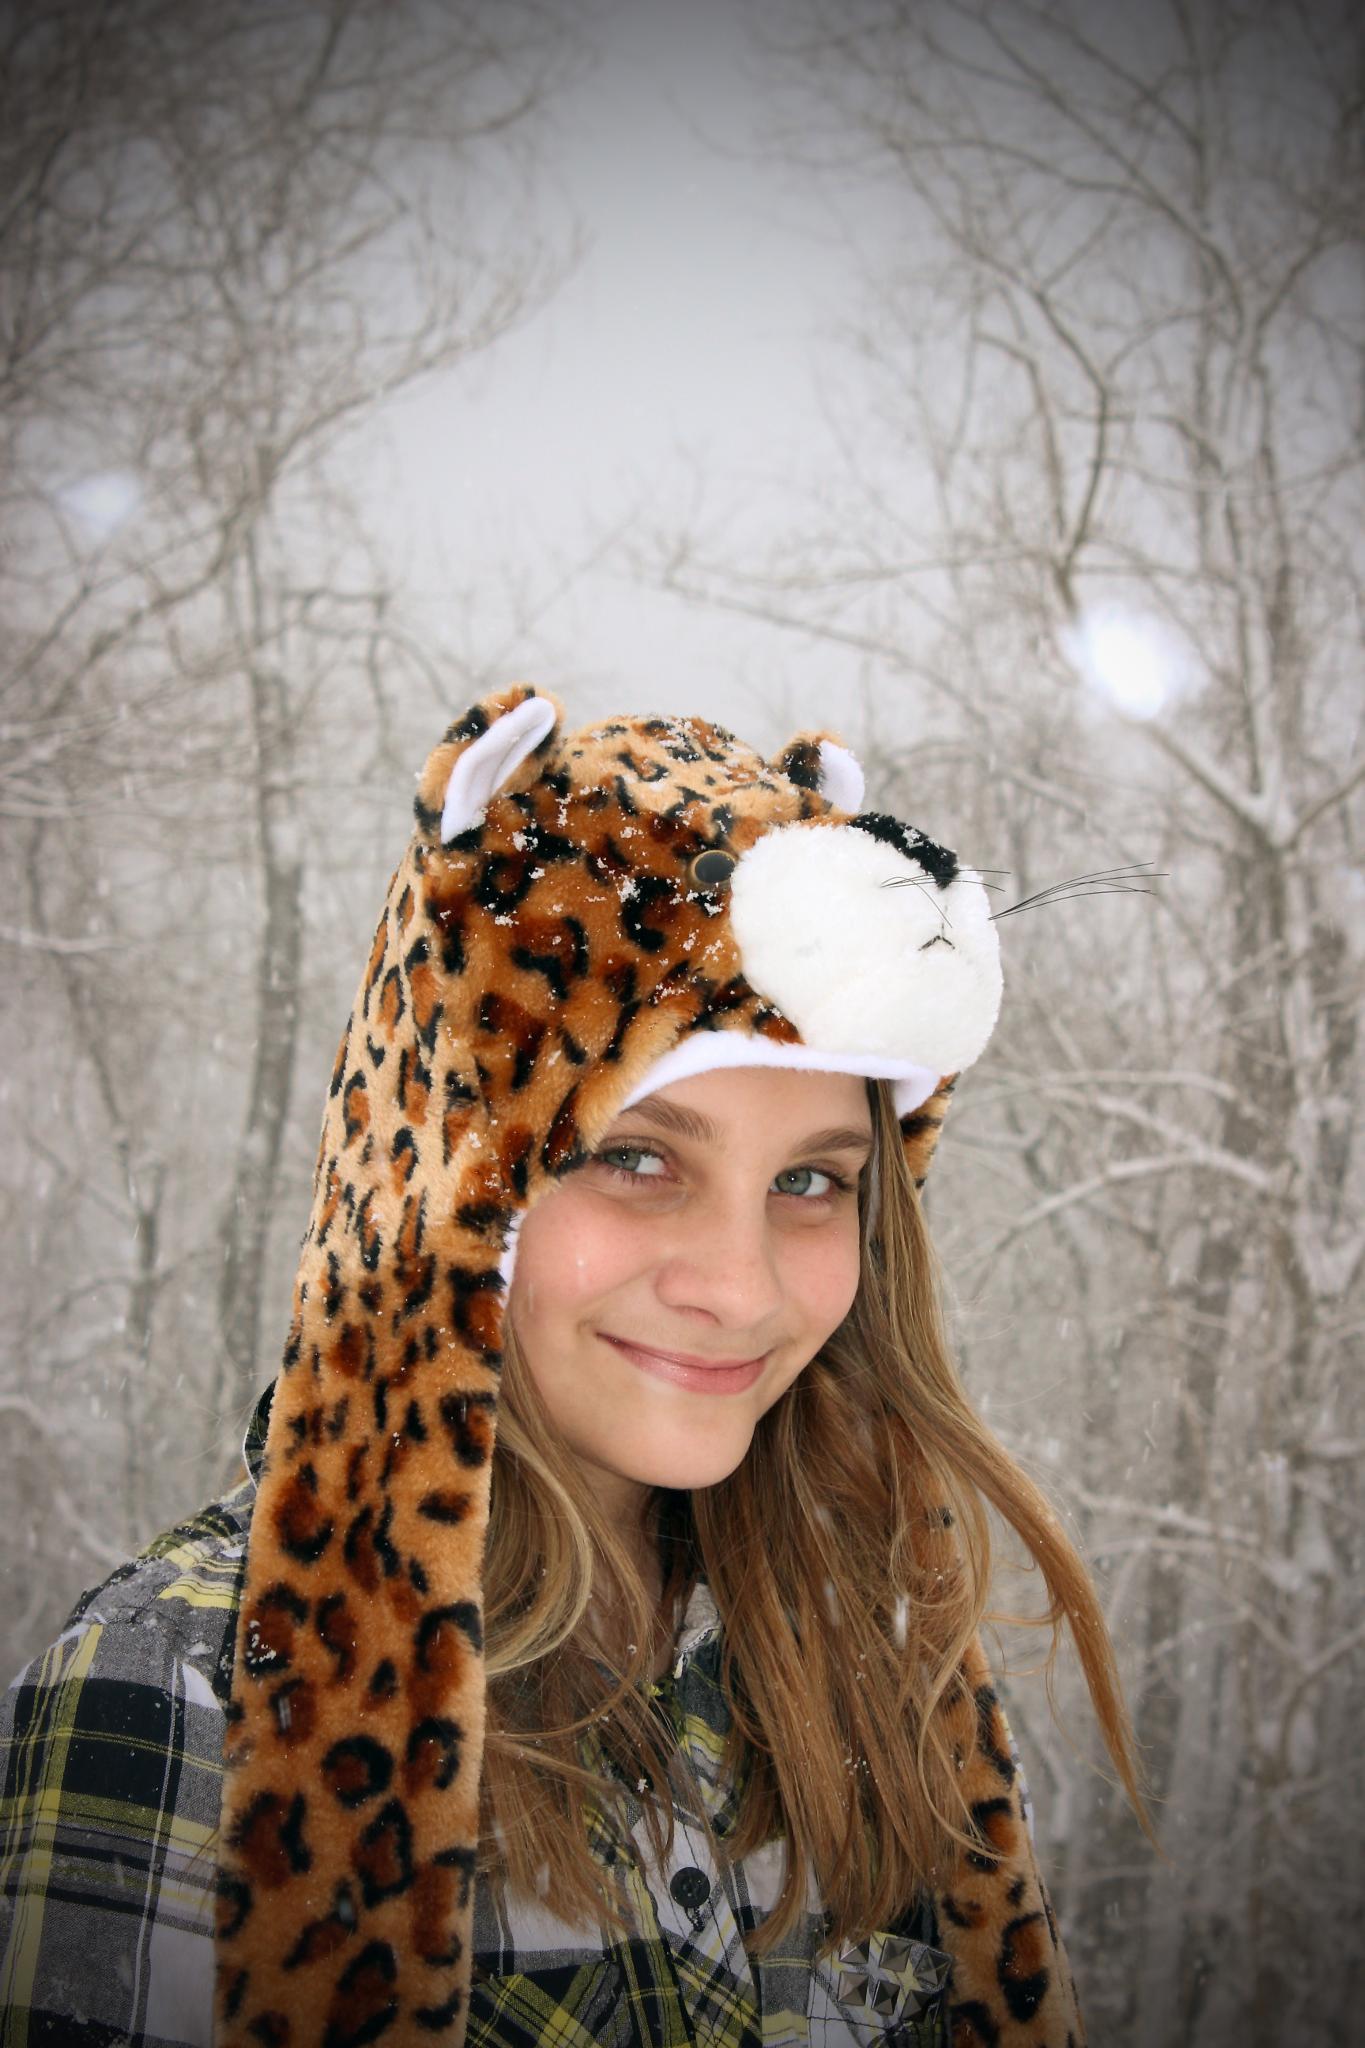 Snow Angel by Lori O'Neil